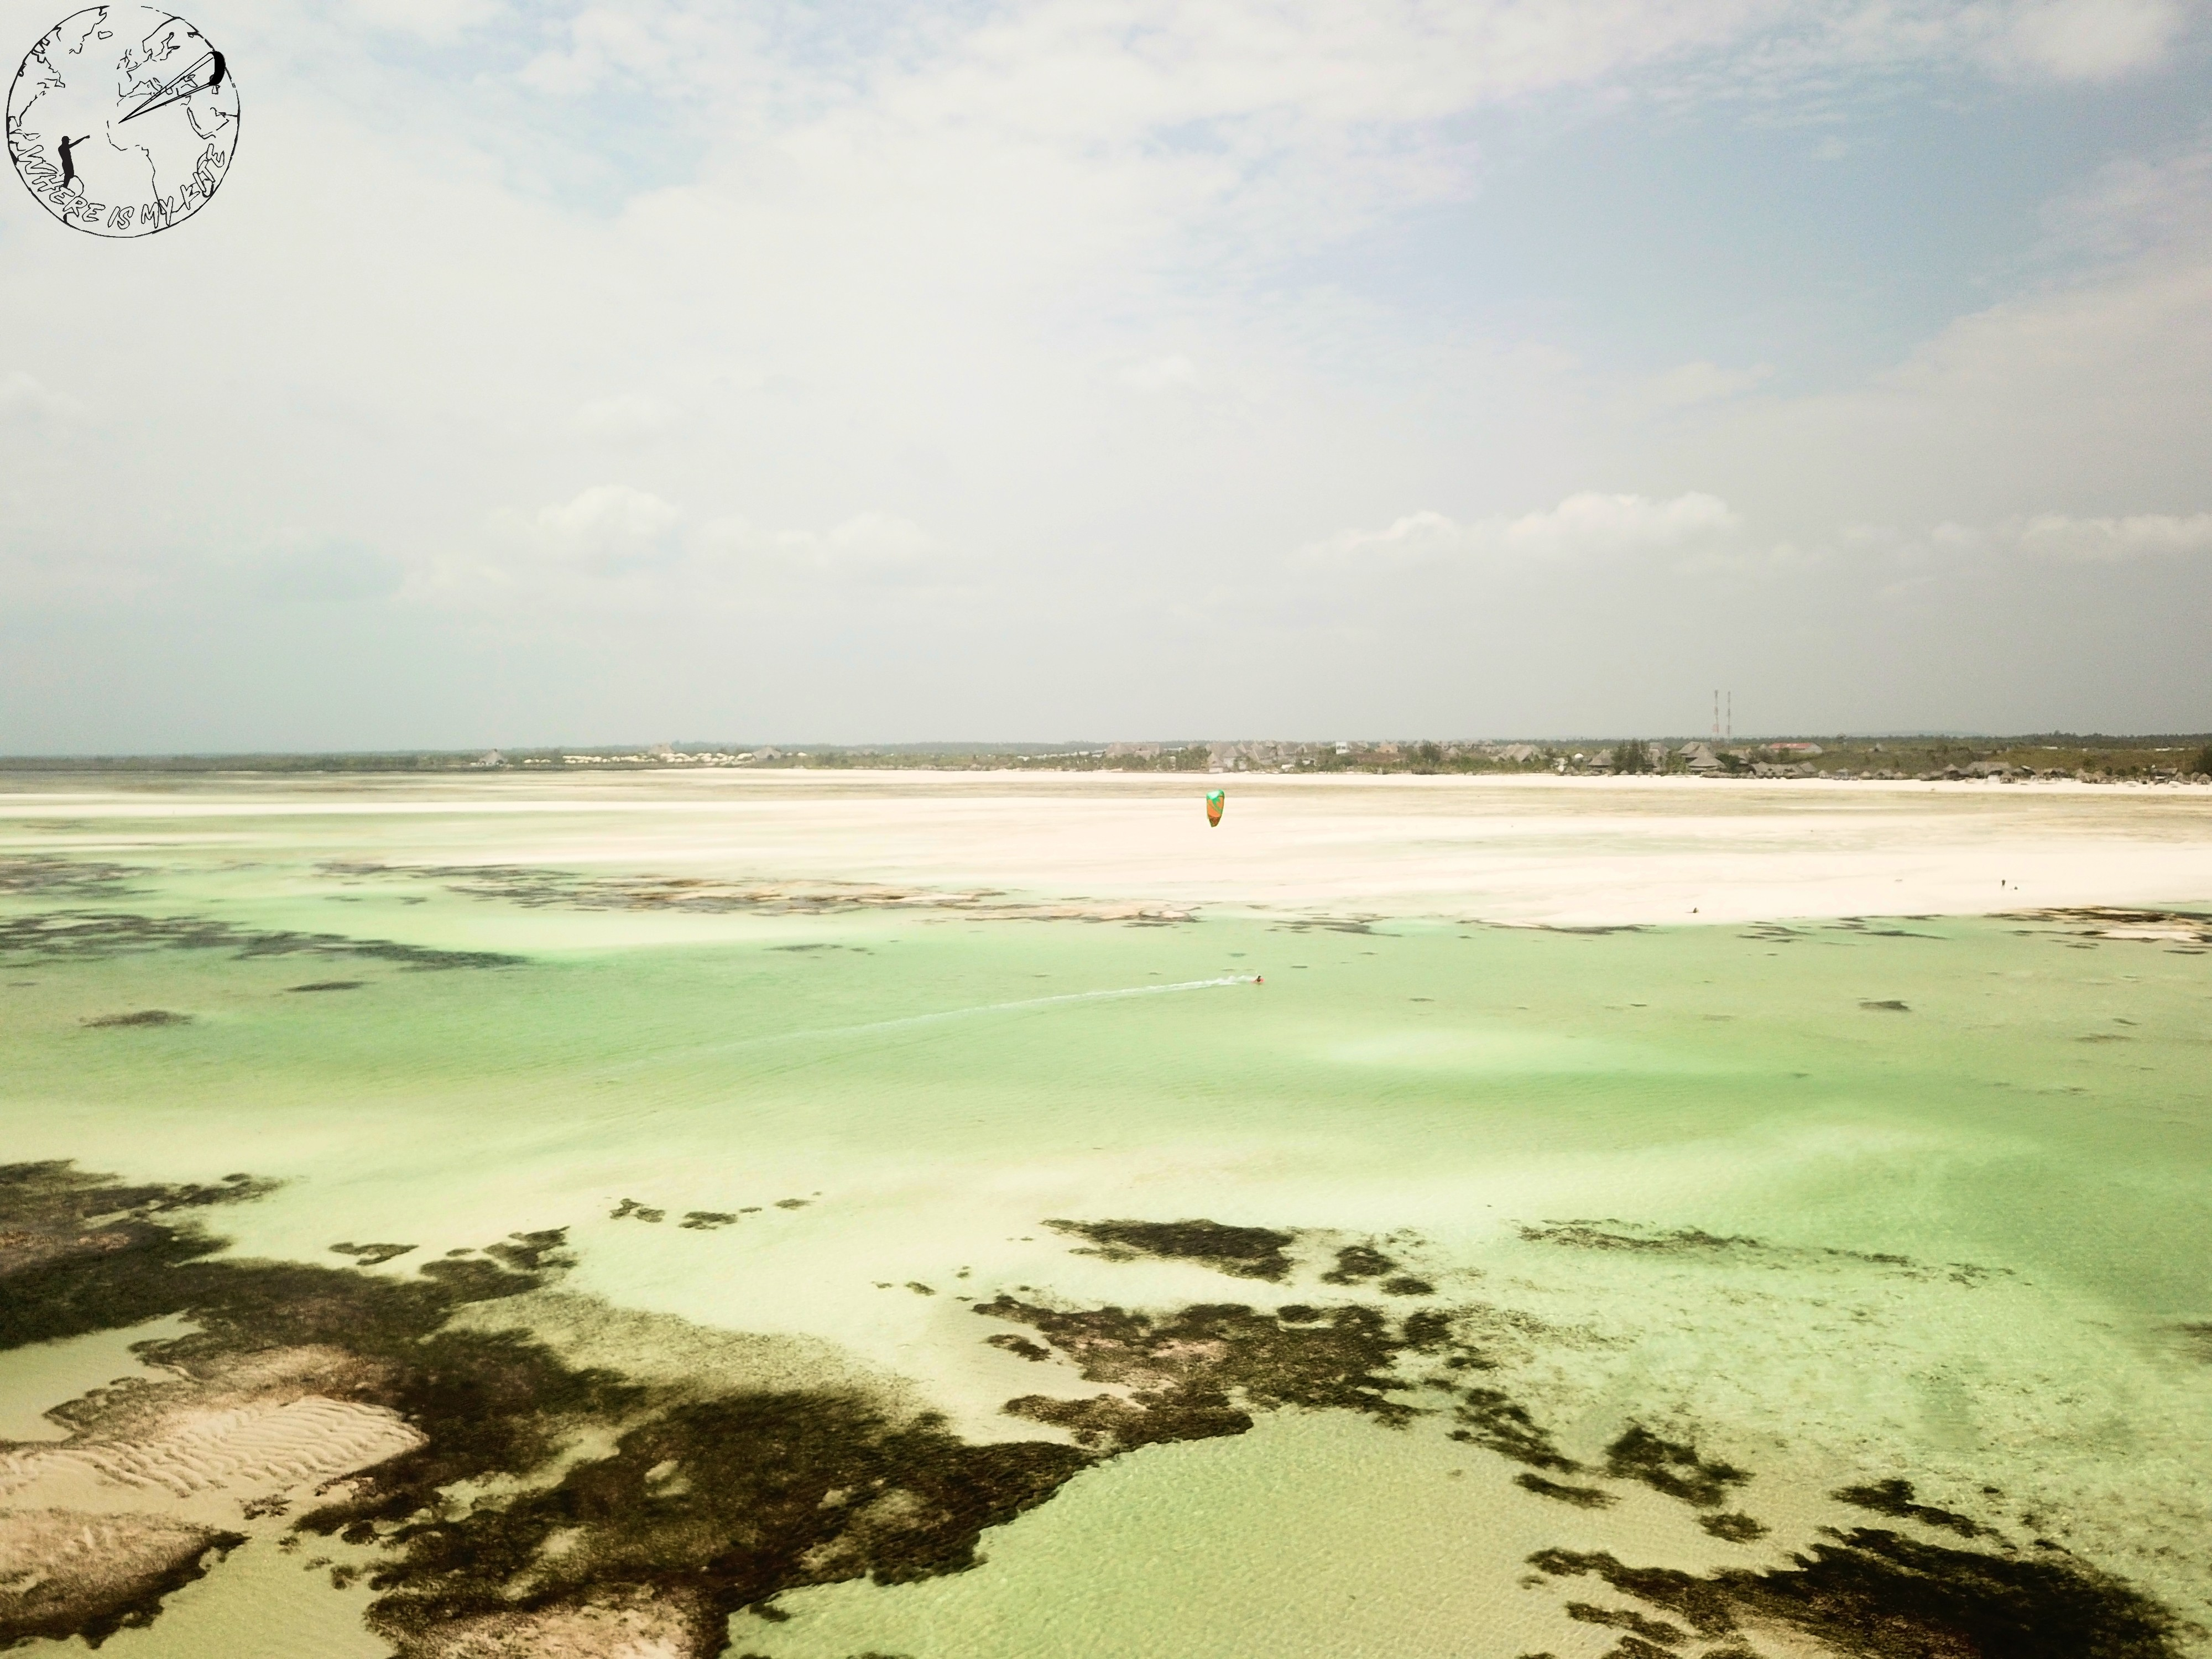 kitetrip au Kenya, Jacaranda